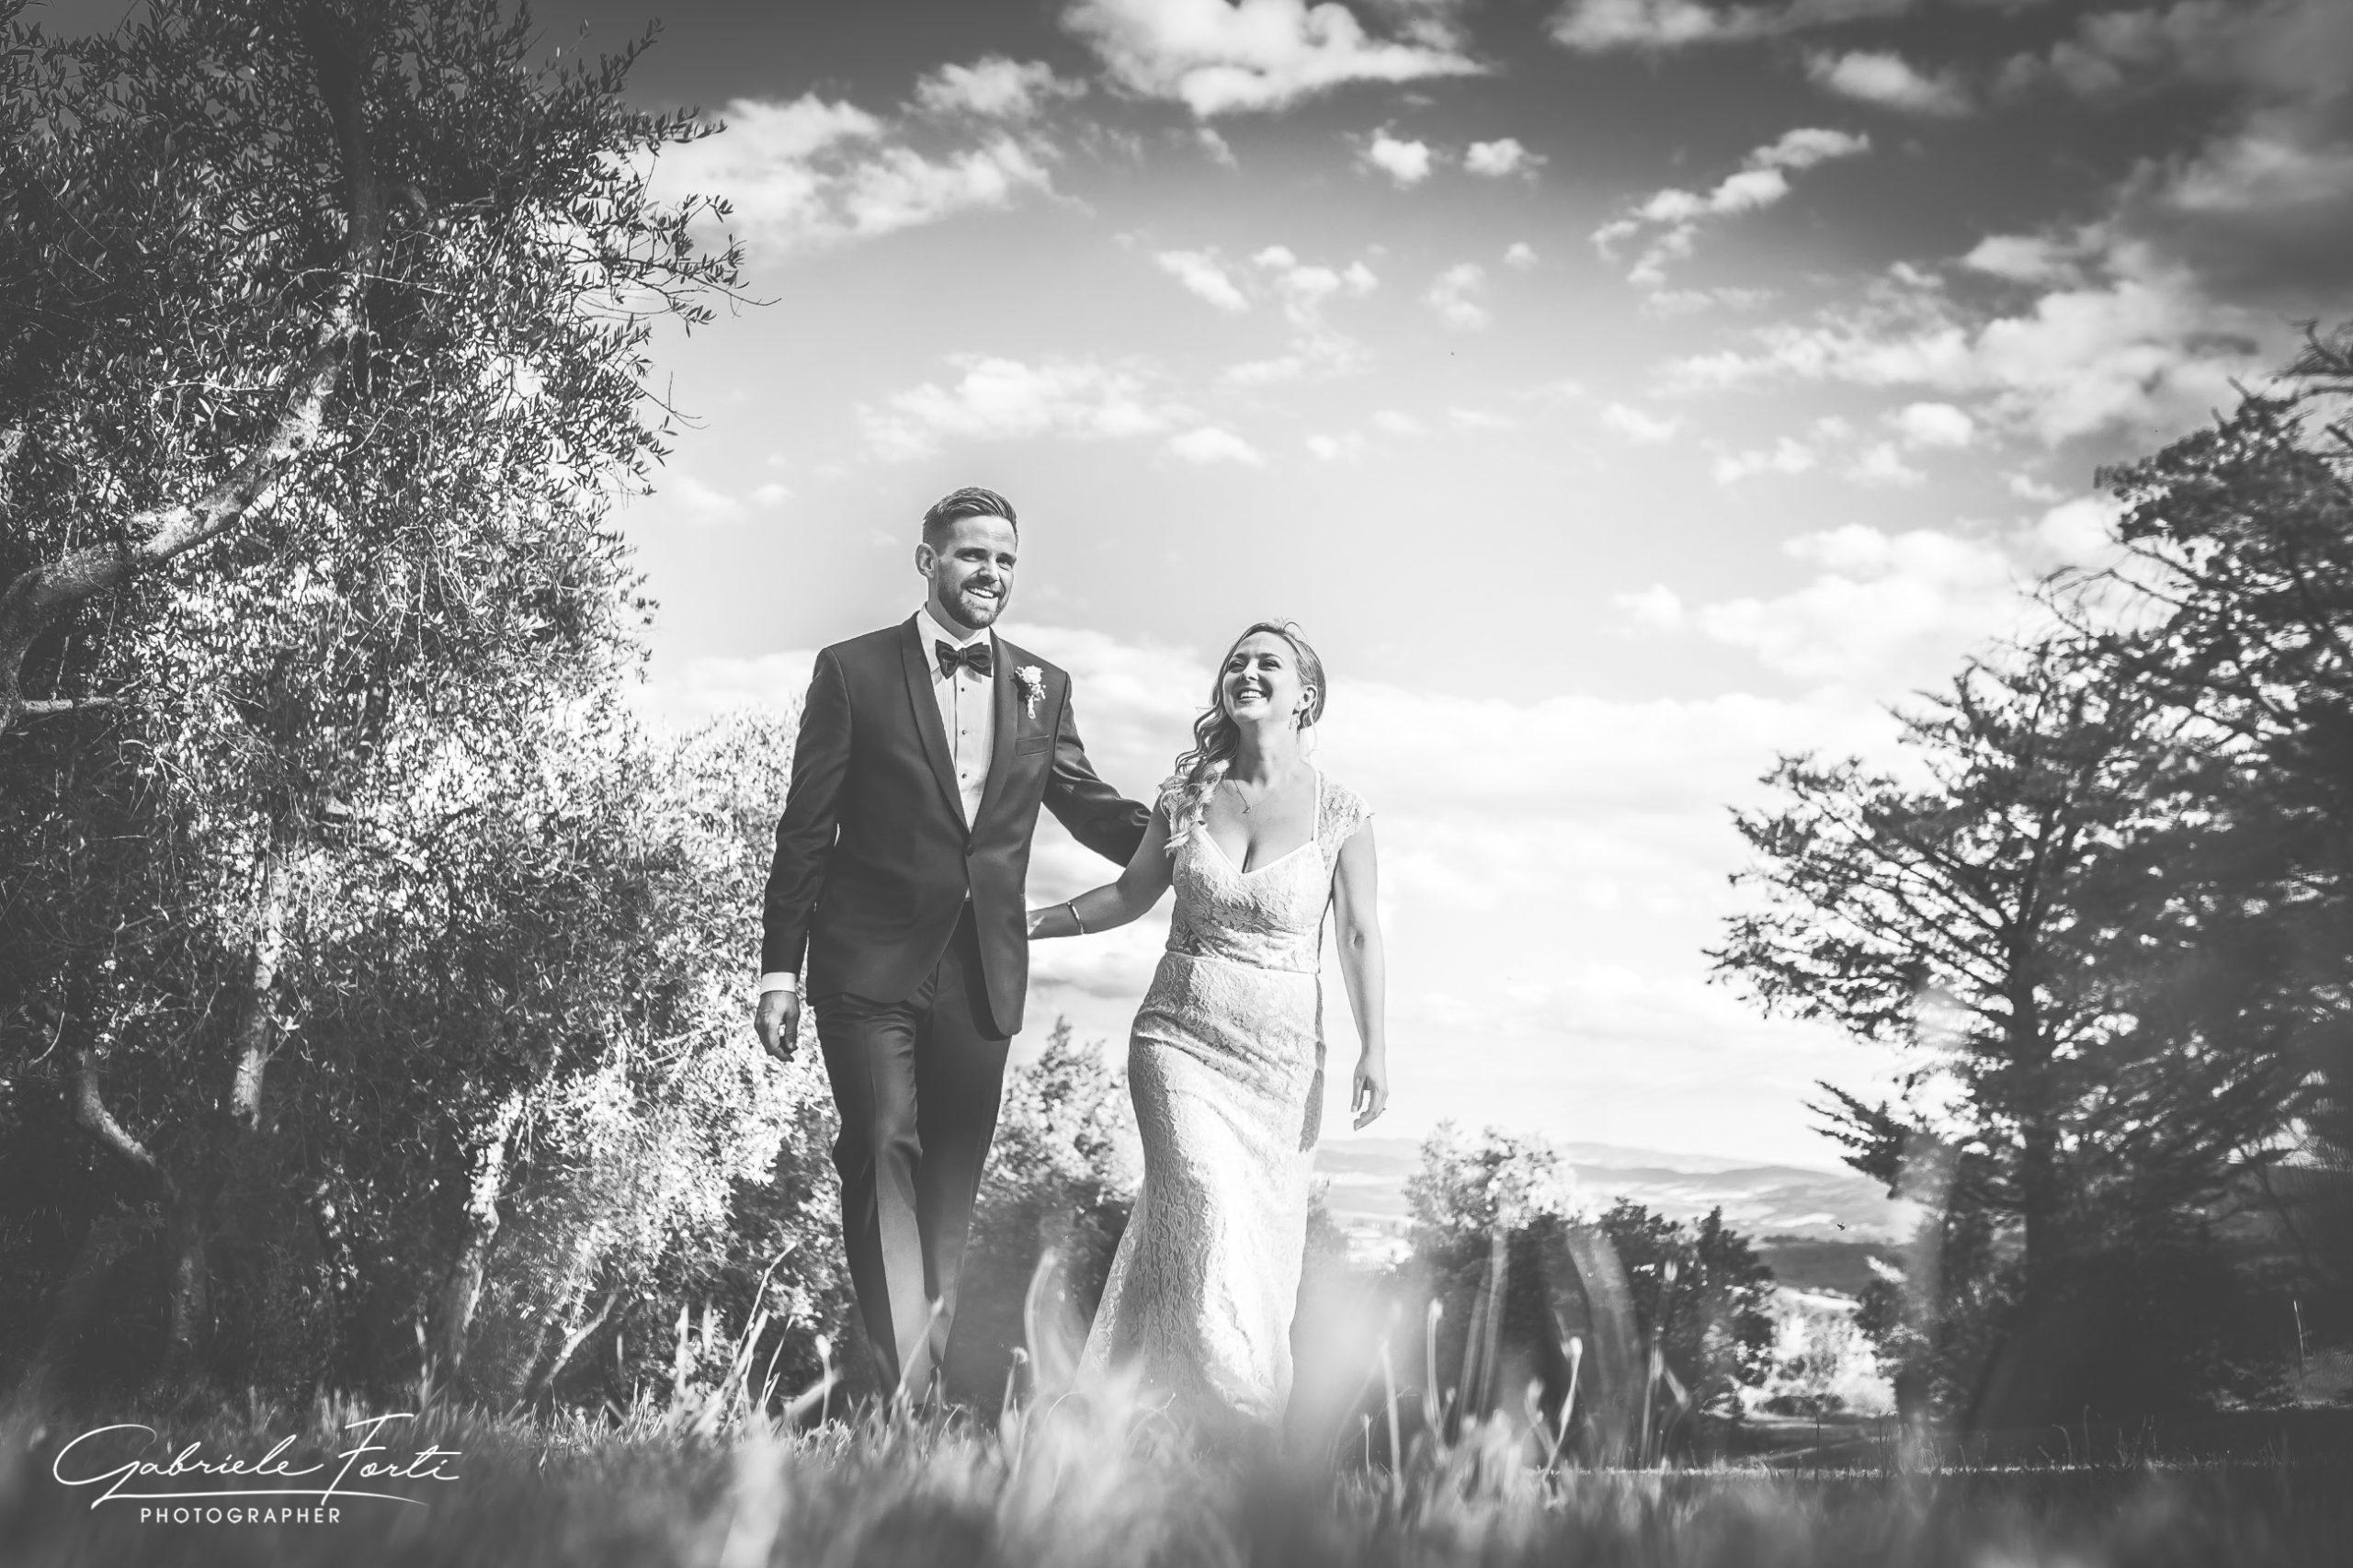 Wedding-tuscany-italy-siena-firenze-photographer-foto-forti-gabriele-4